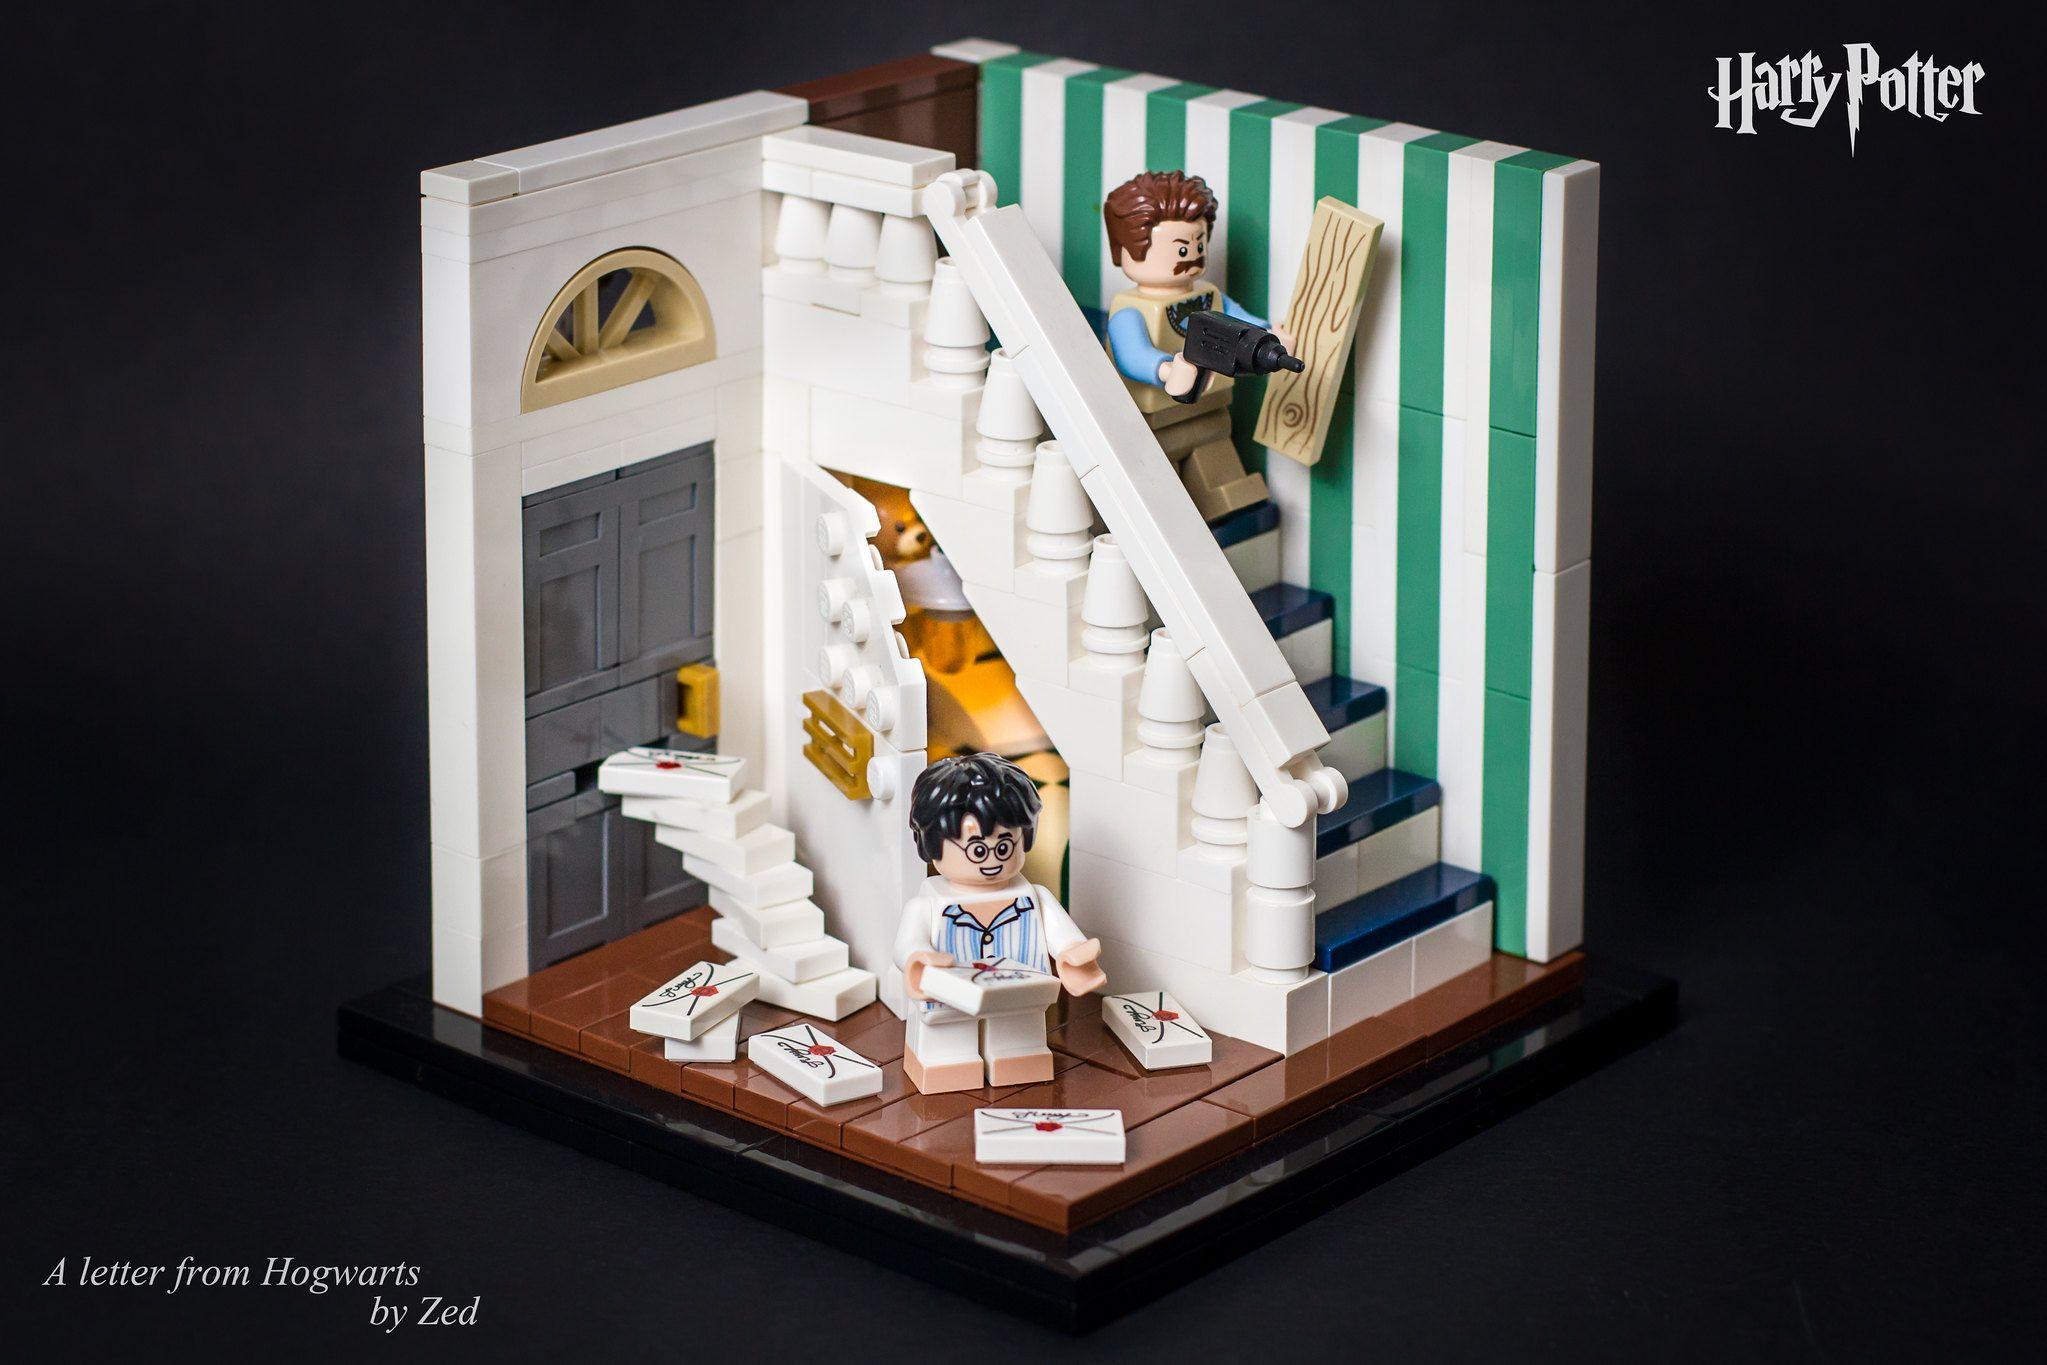 A Letter From Hogwarts Lego Hogwarts Lego Harry Potter Harry Potter Lego Sets